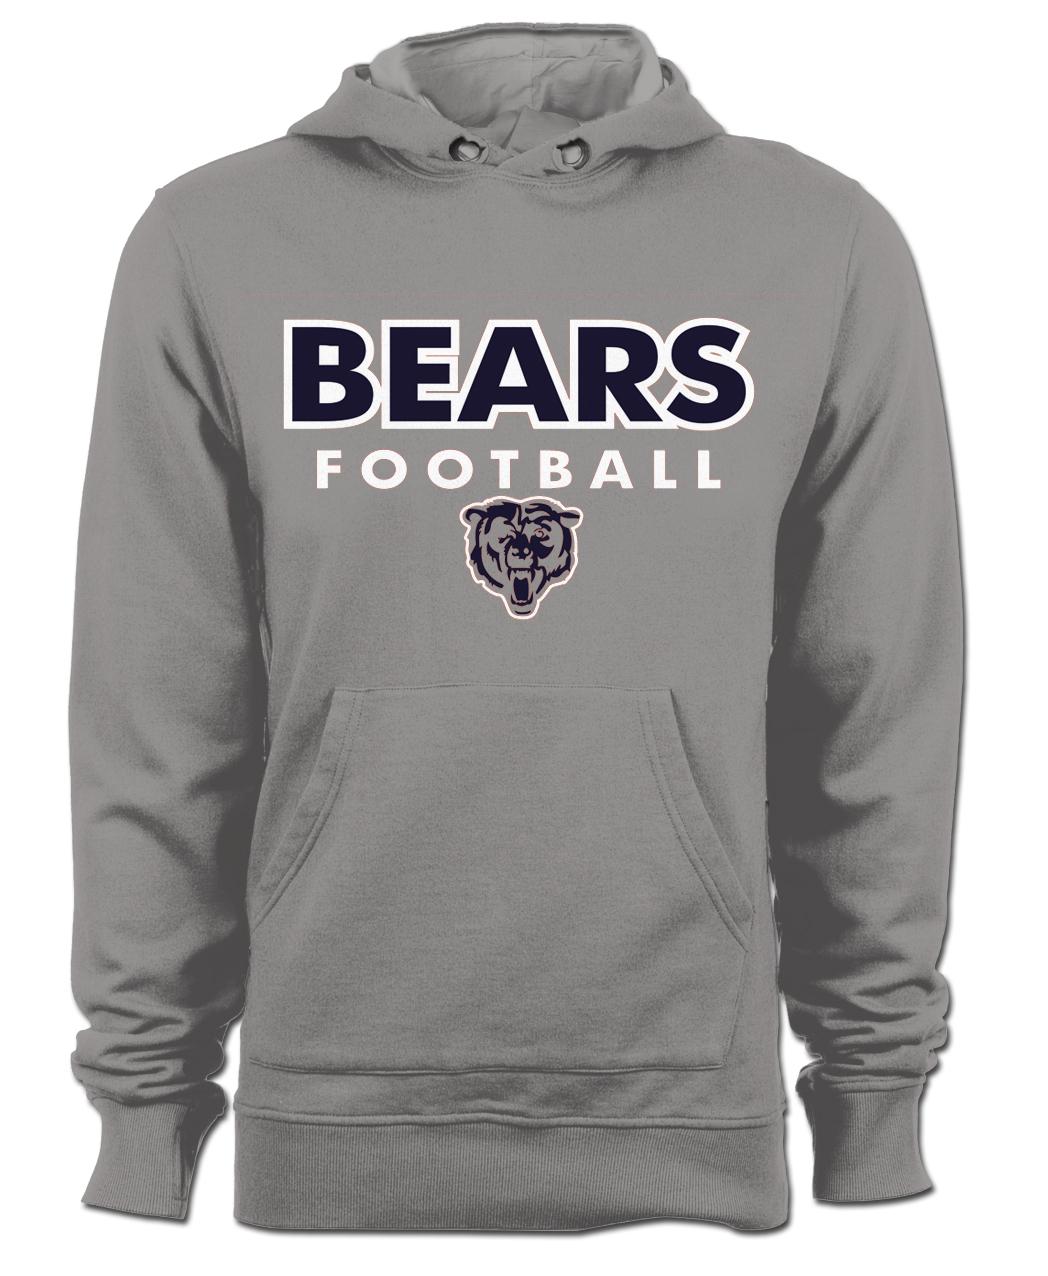 Bears Hoodie 2017 - Gray